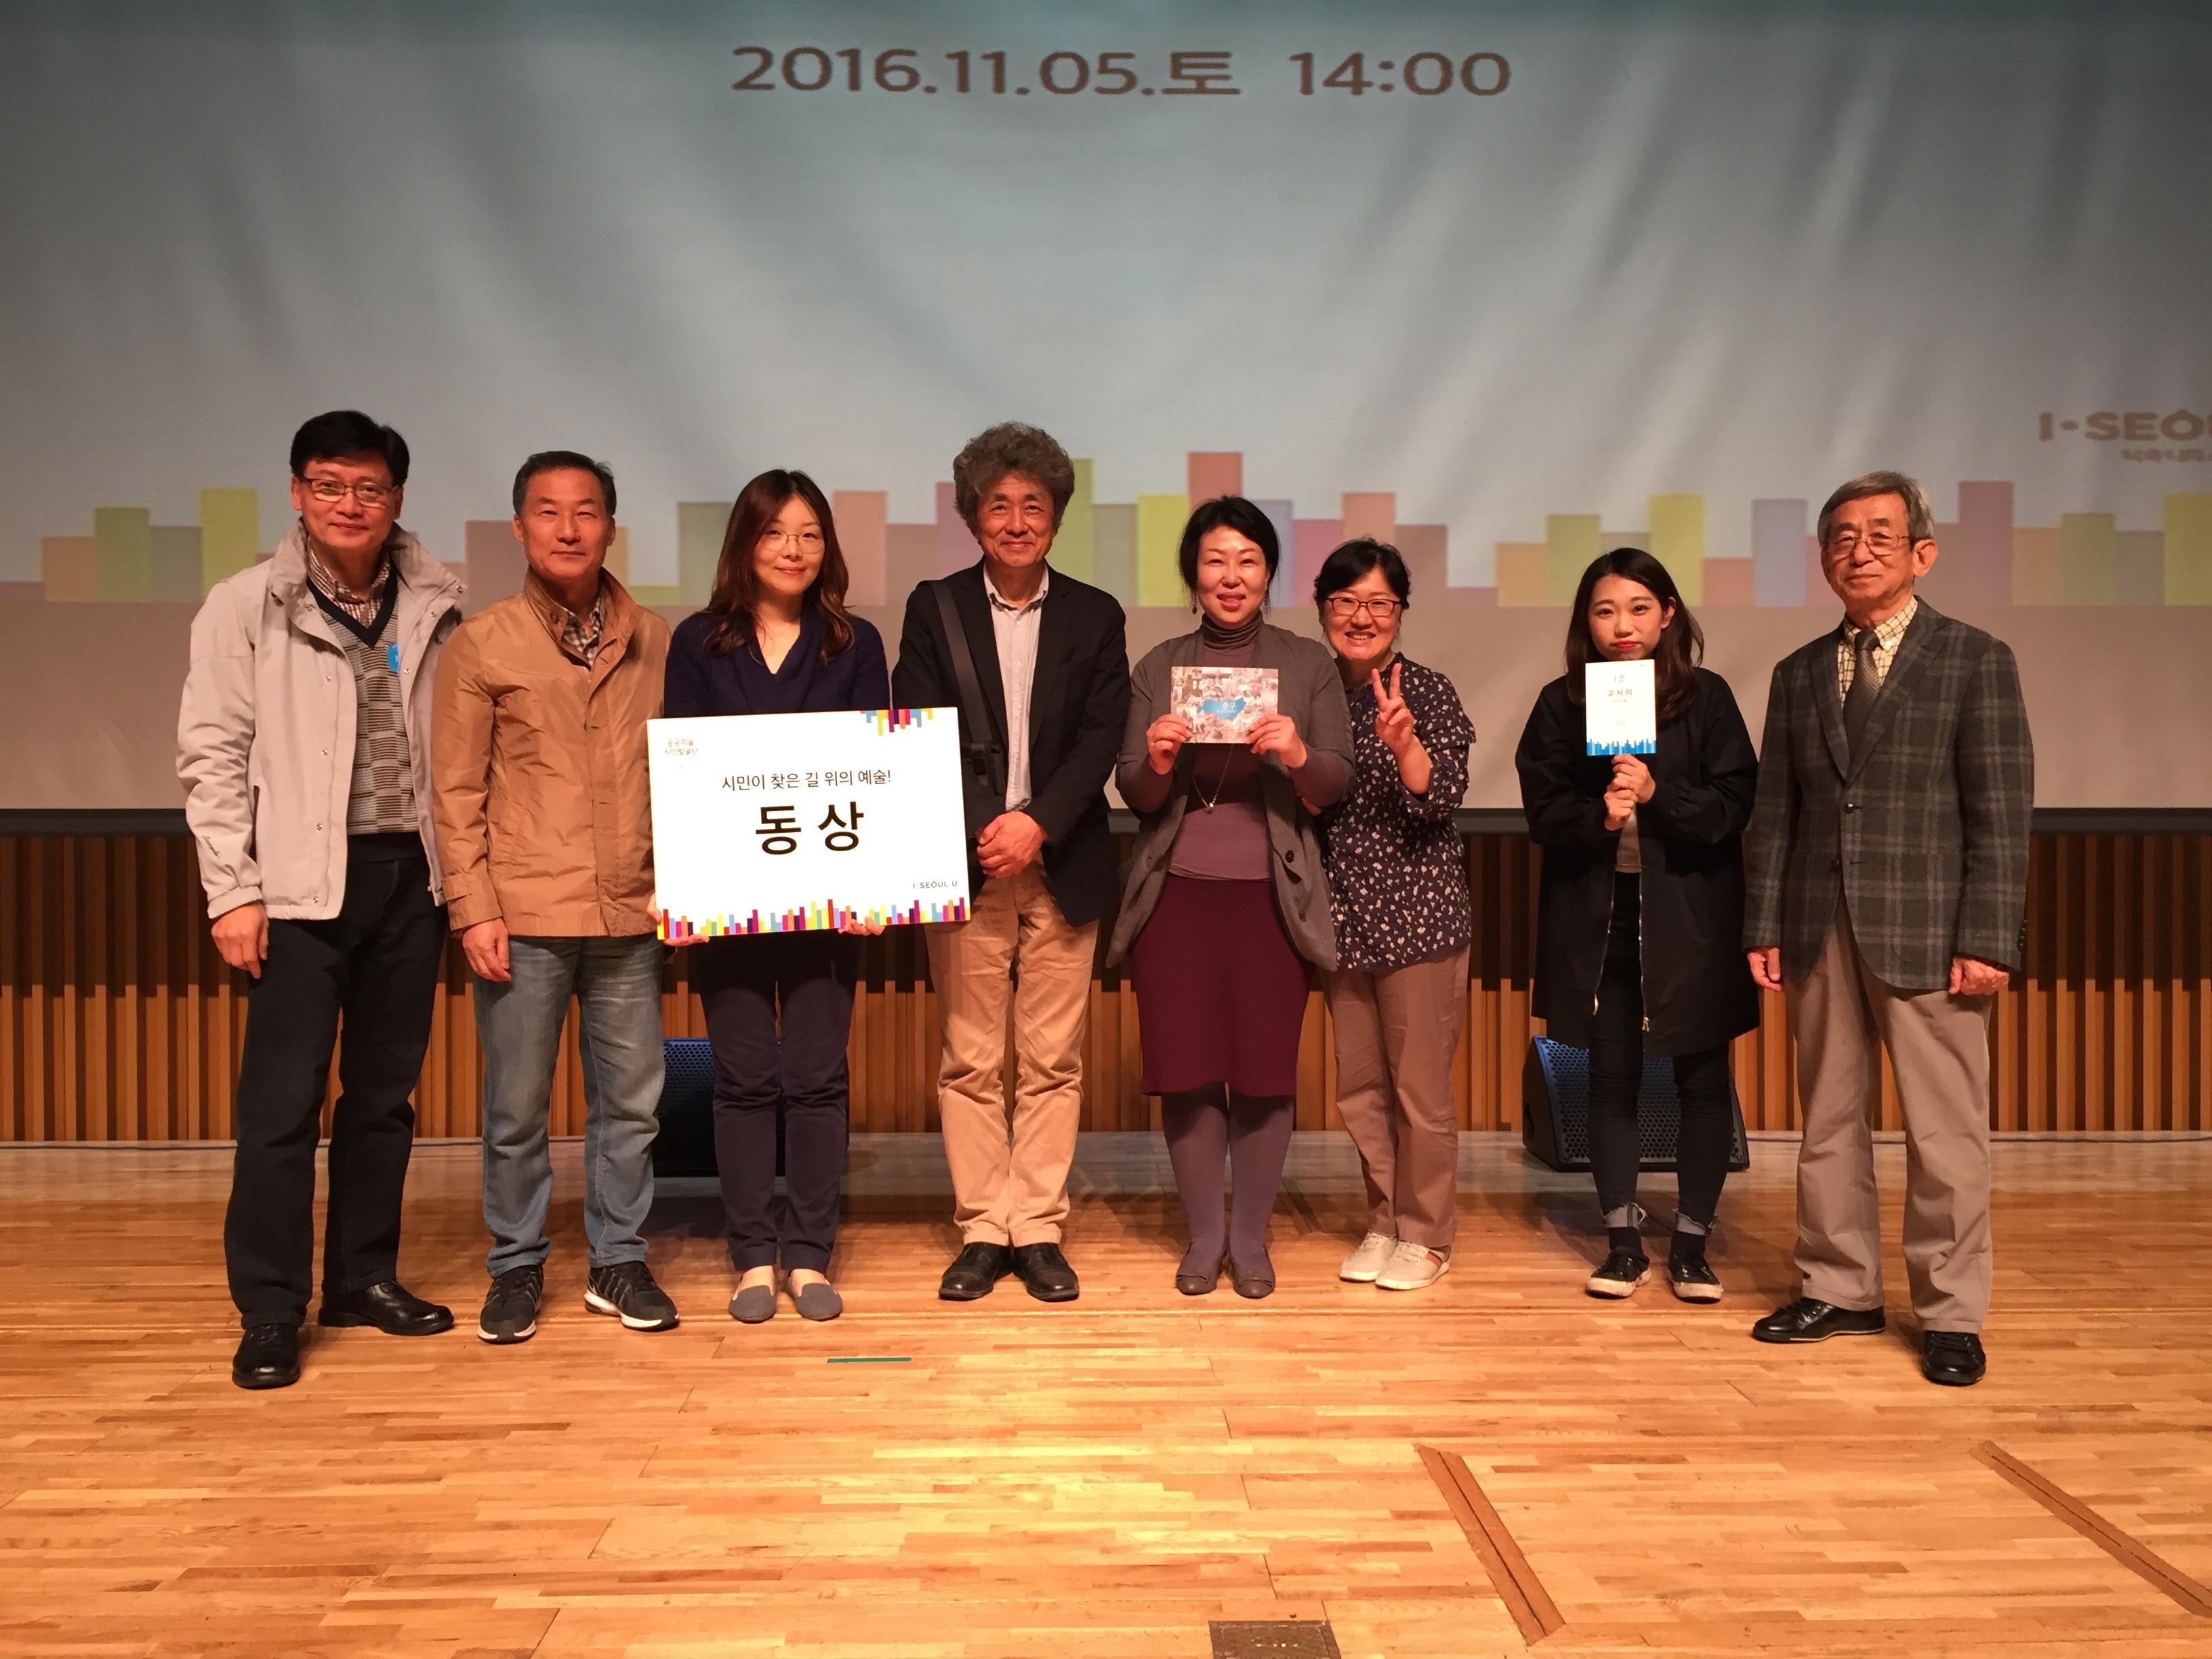 공공미술시민발굴단 발표 2.JPG